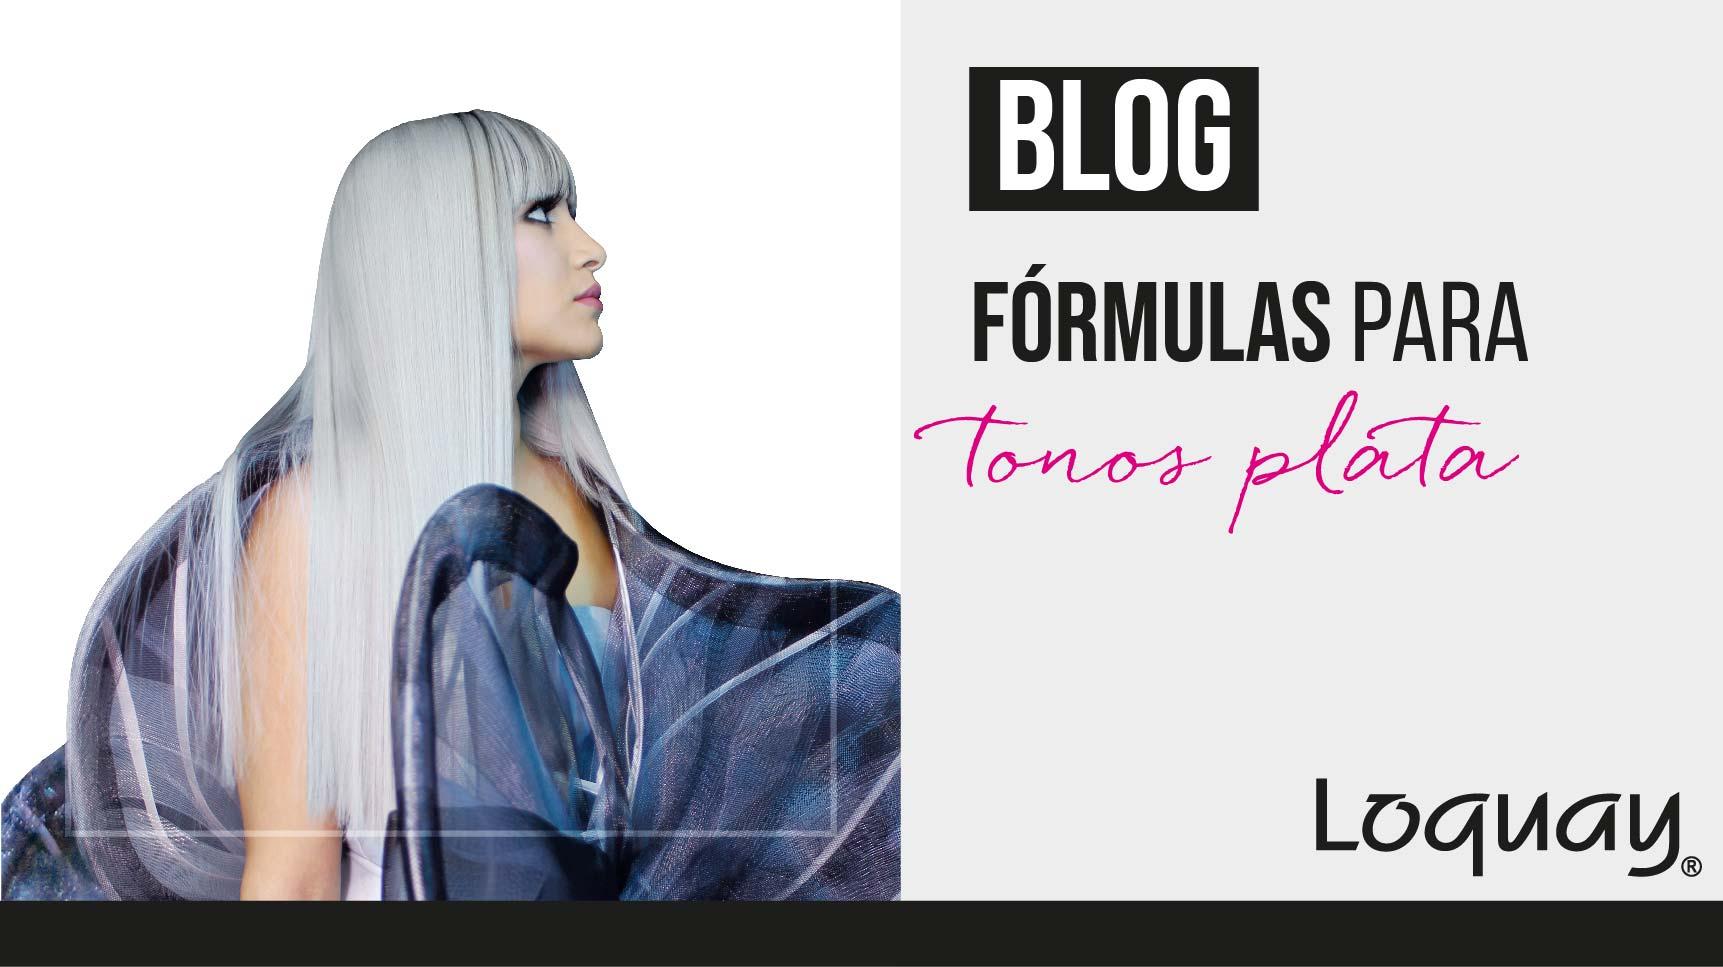 Fórmula tonos plata